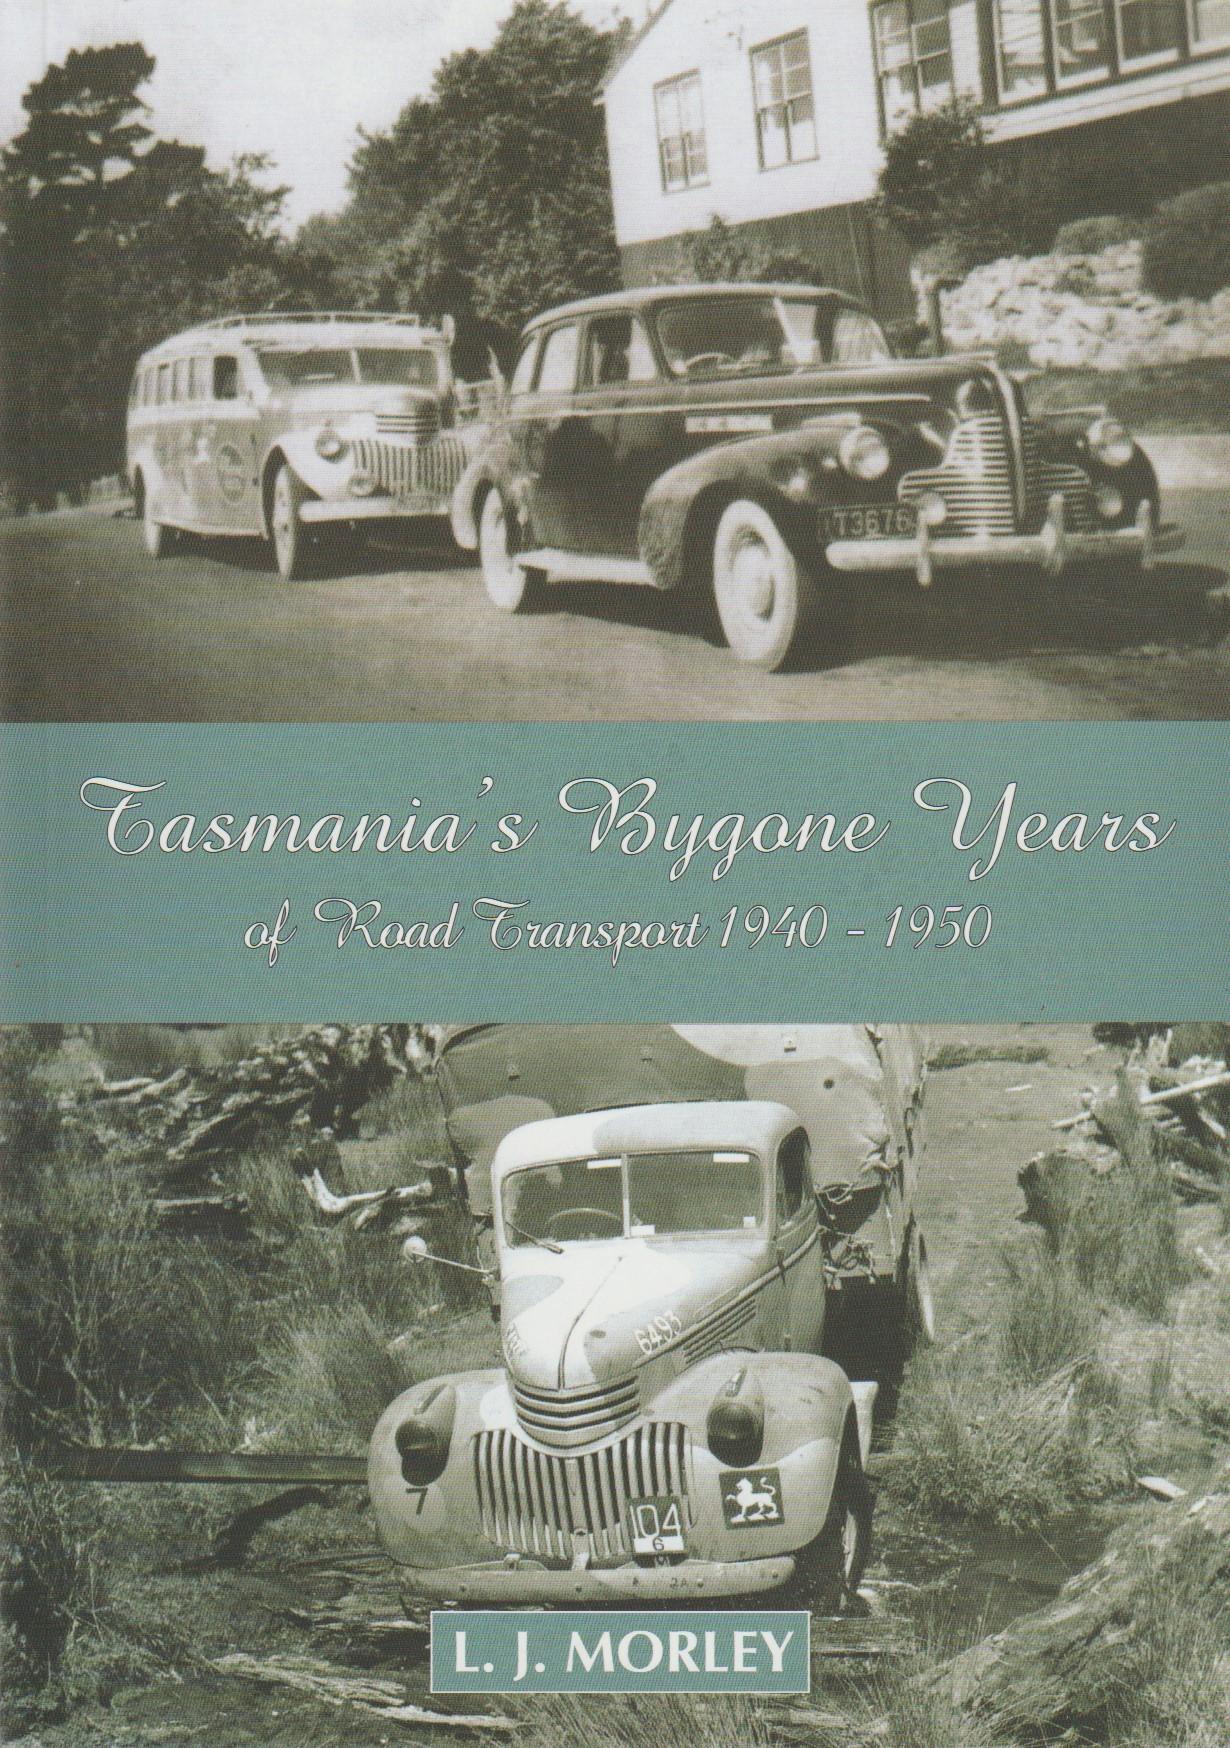 Tasmania's Bygone Years of Road Transport 1940-1950